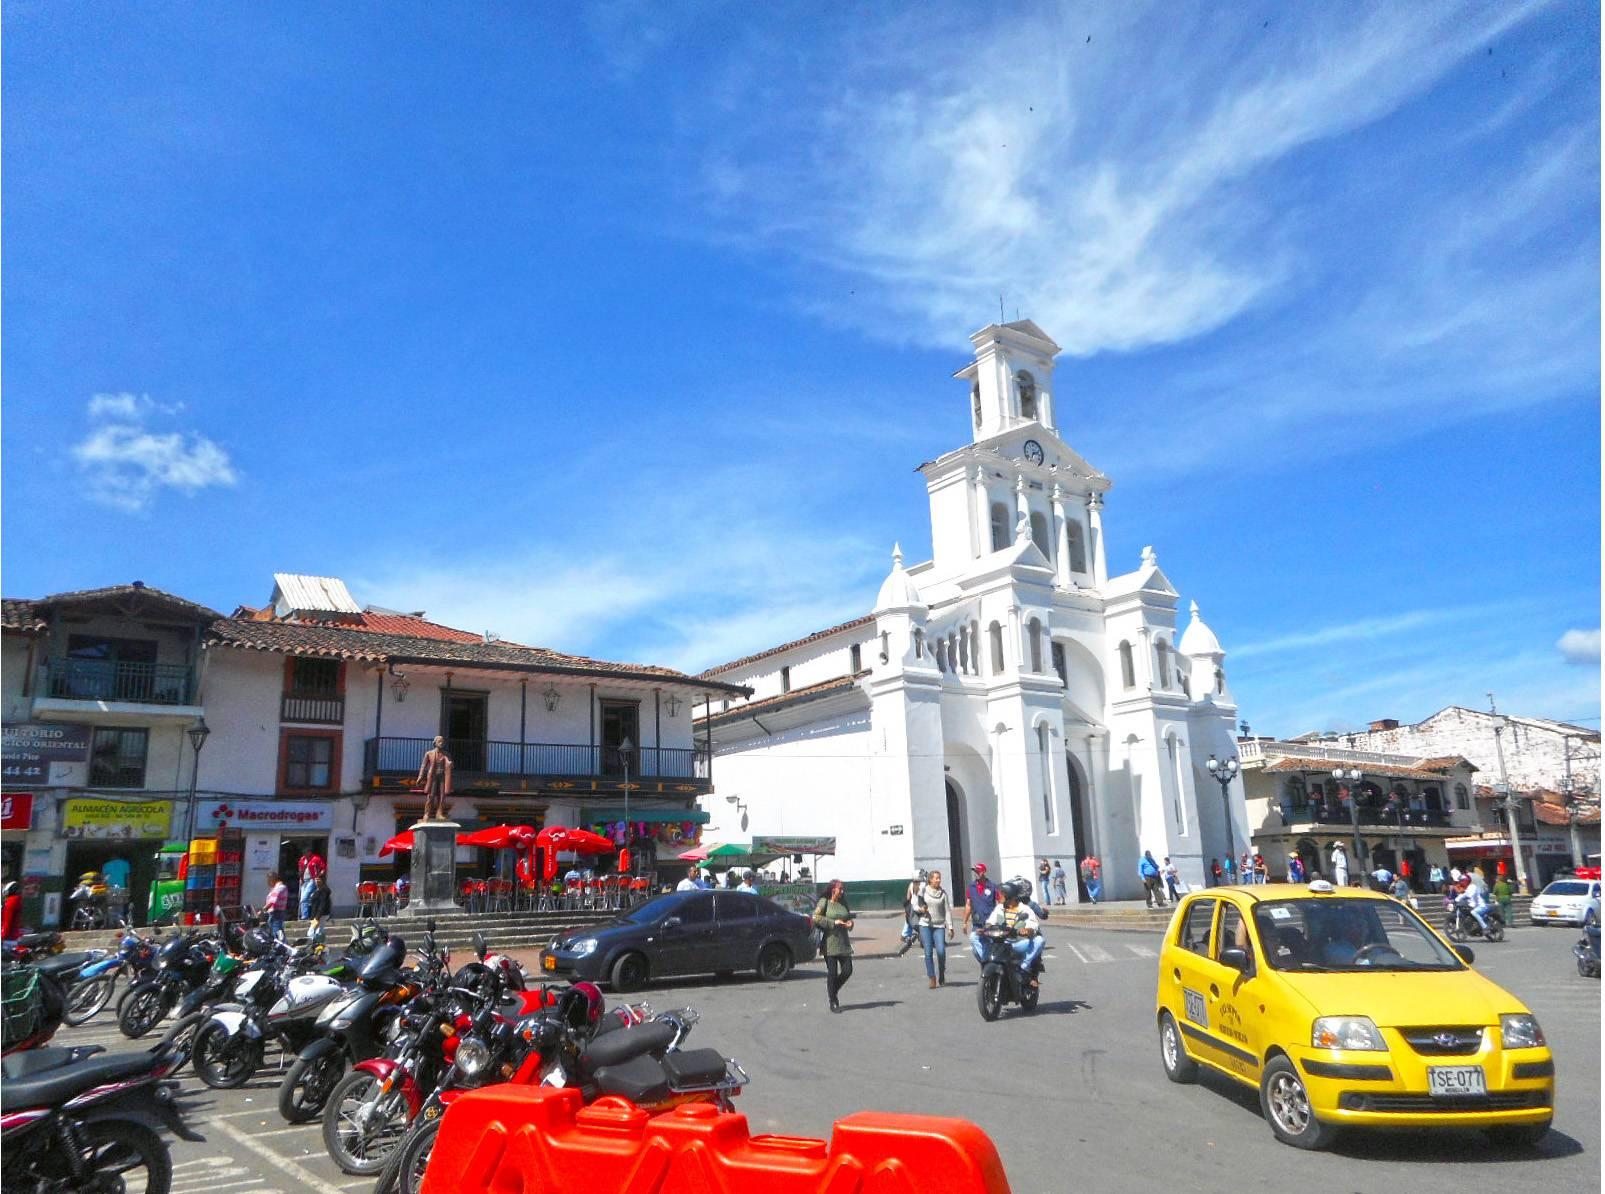 Marinilla_Colombia_August_2017_(7)_Plaza_de_Marinilla (1)_compressed